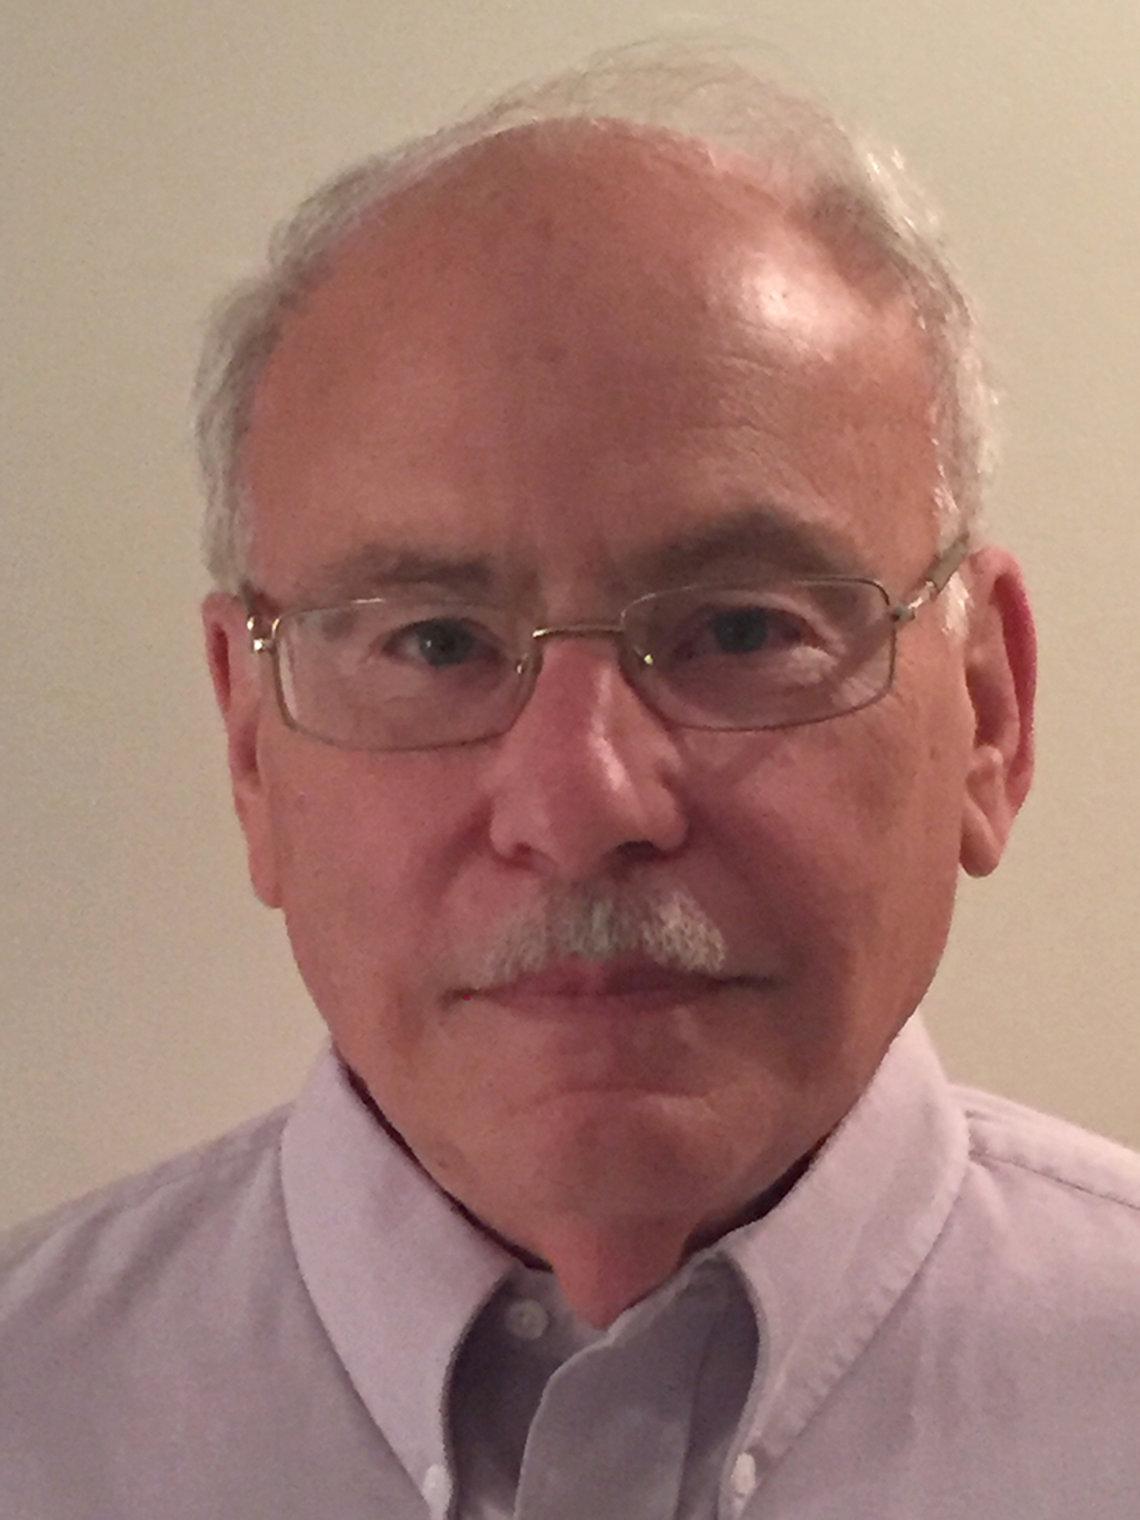 Dr. Ethan Shevach